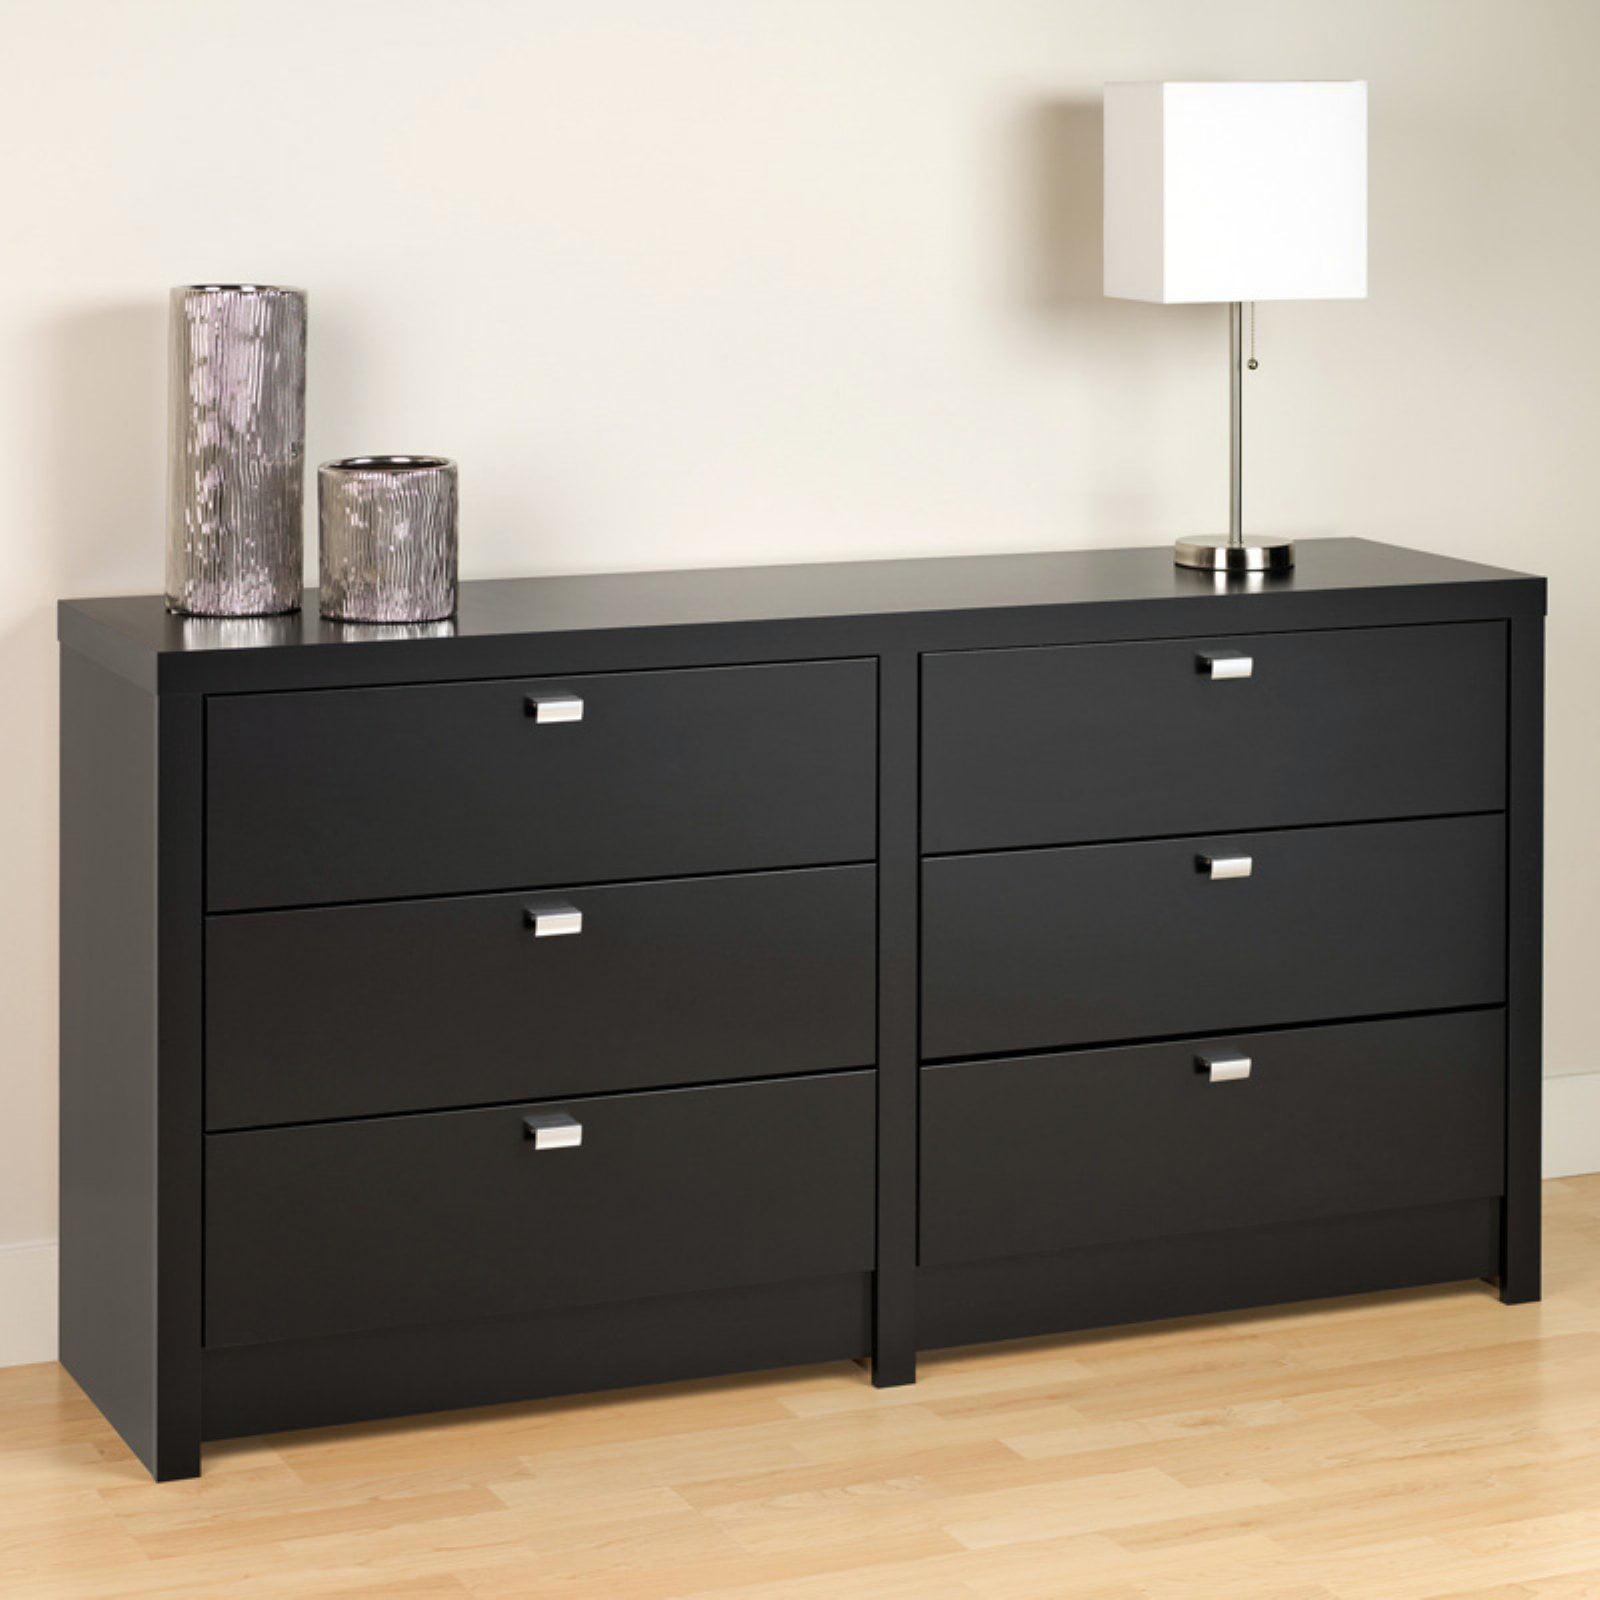 Series 9 Designer Collection 6-Drawer Dresser, Multiple Colors